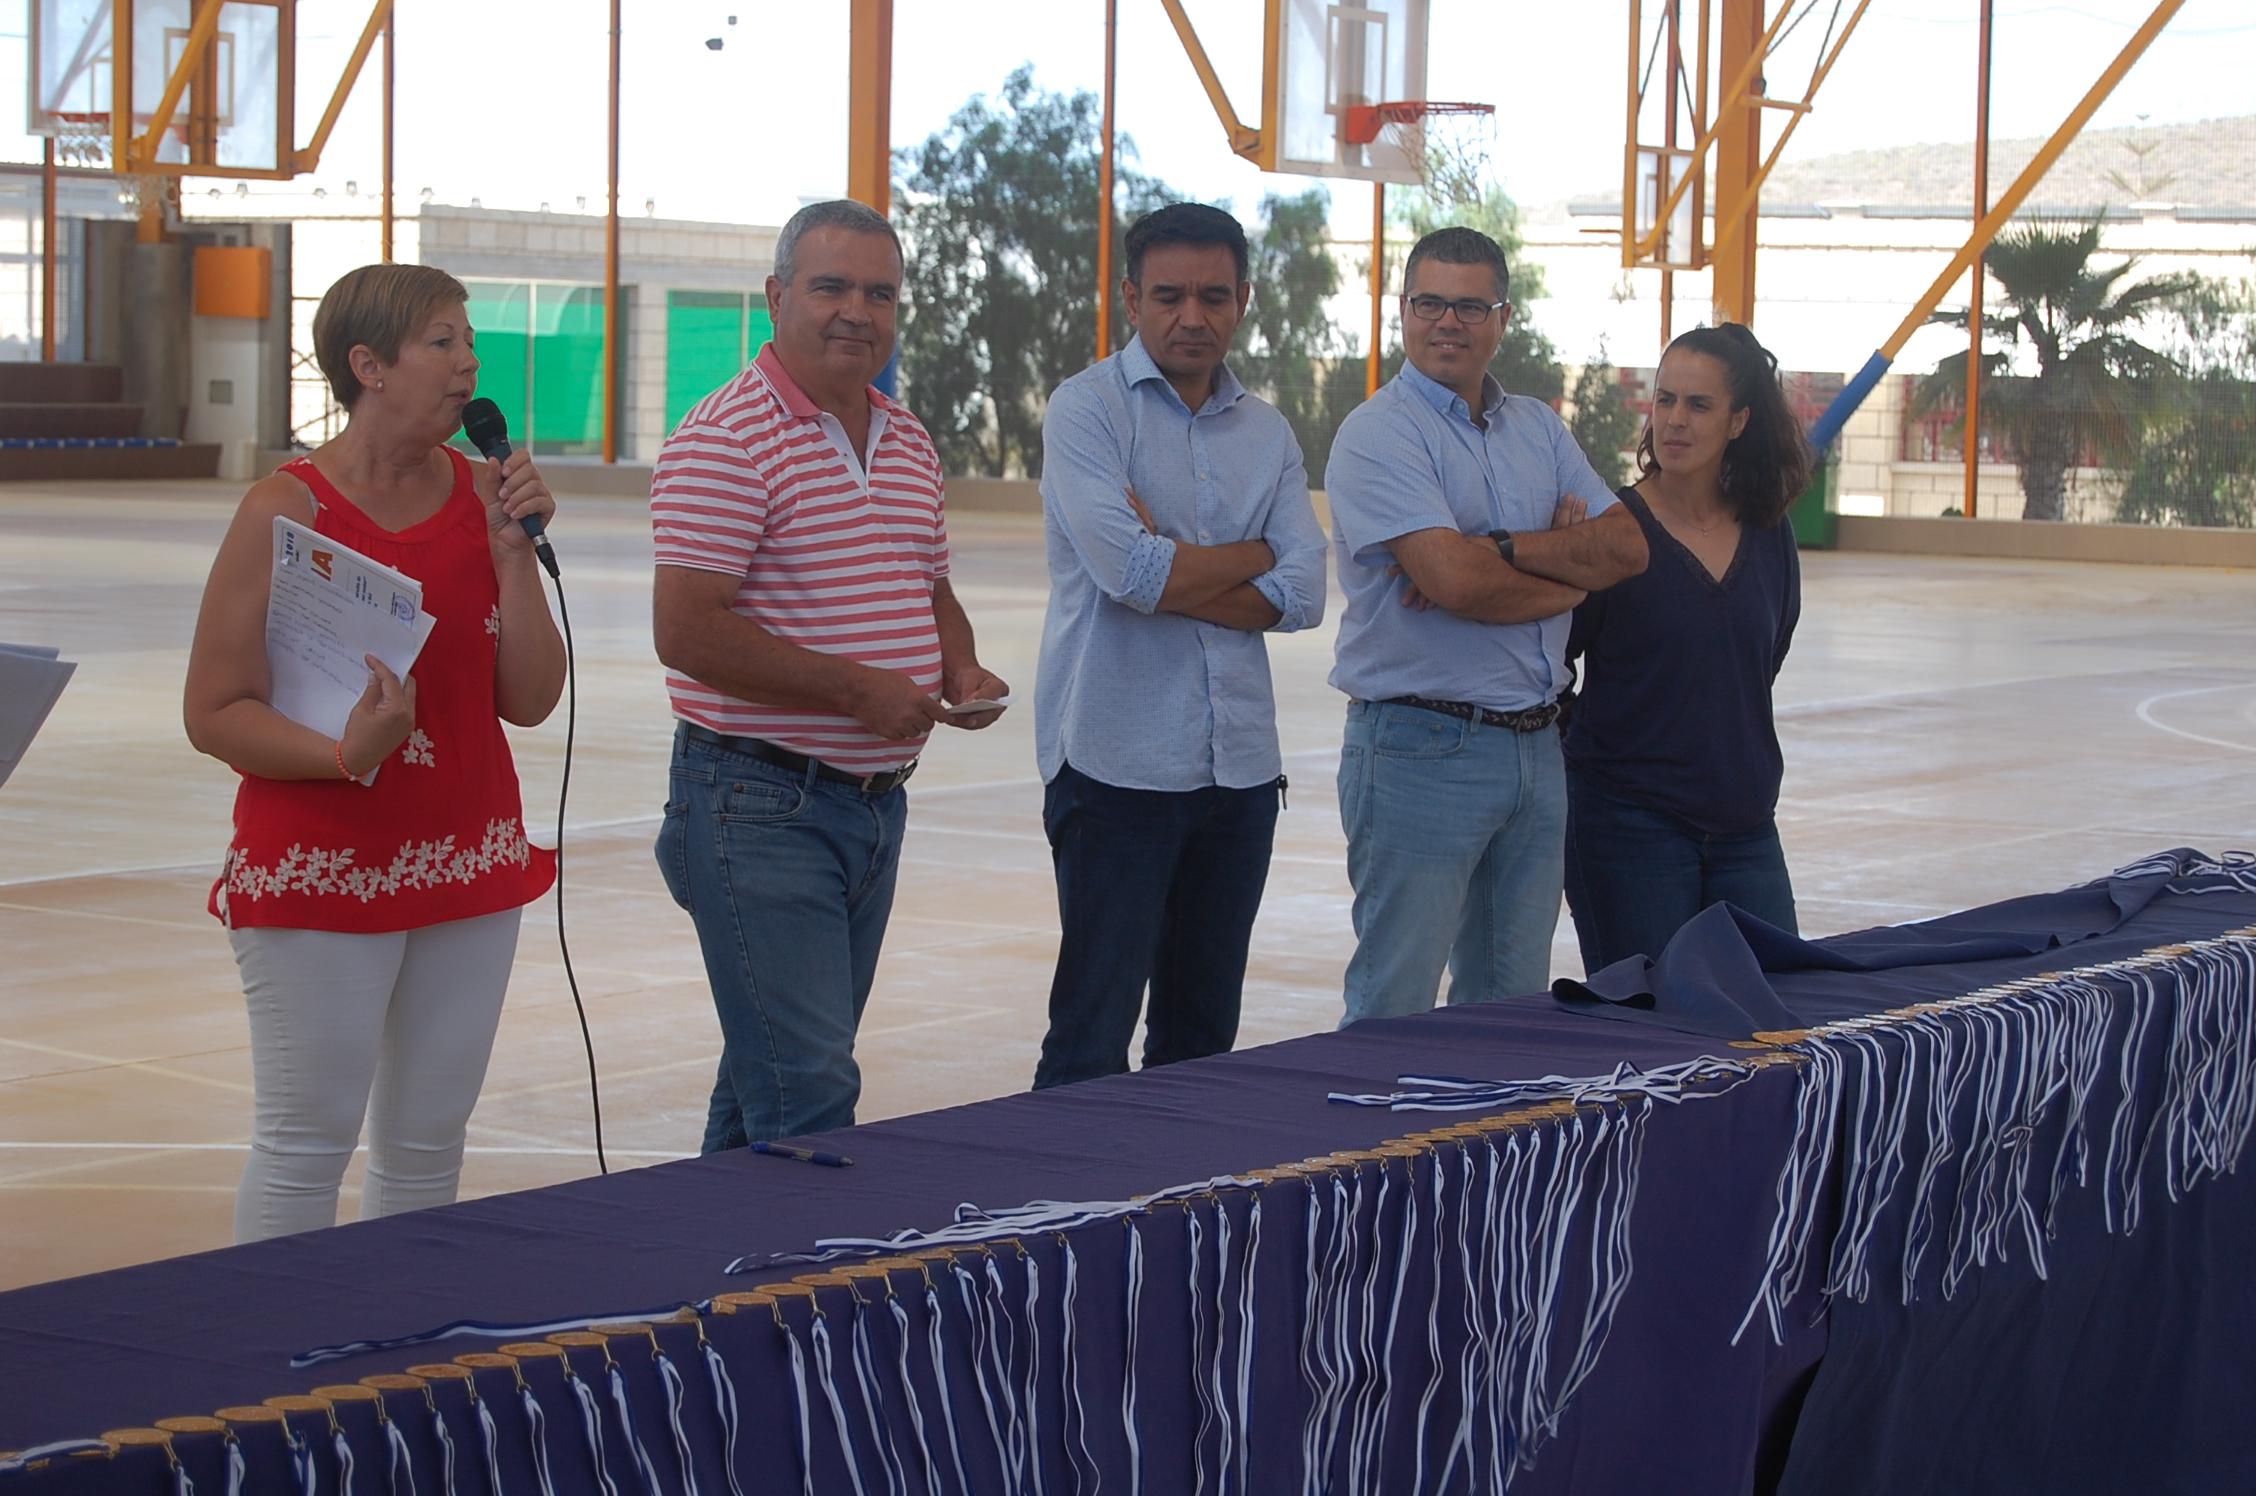 Los cursos de natación llegan a 240 niños y niñas de San Miguel de Abona